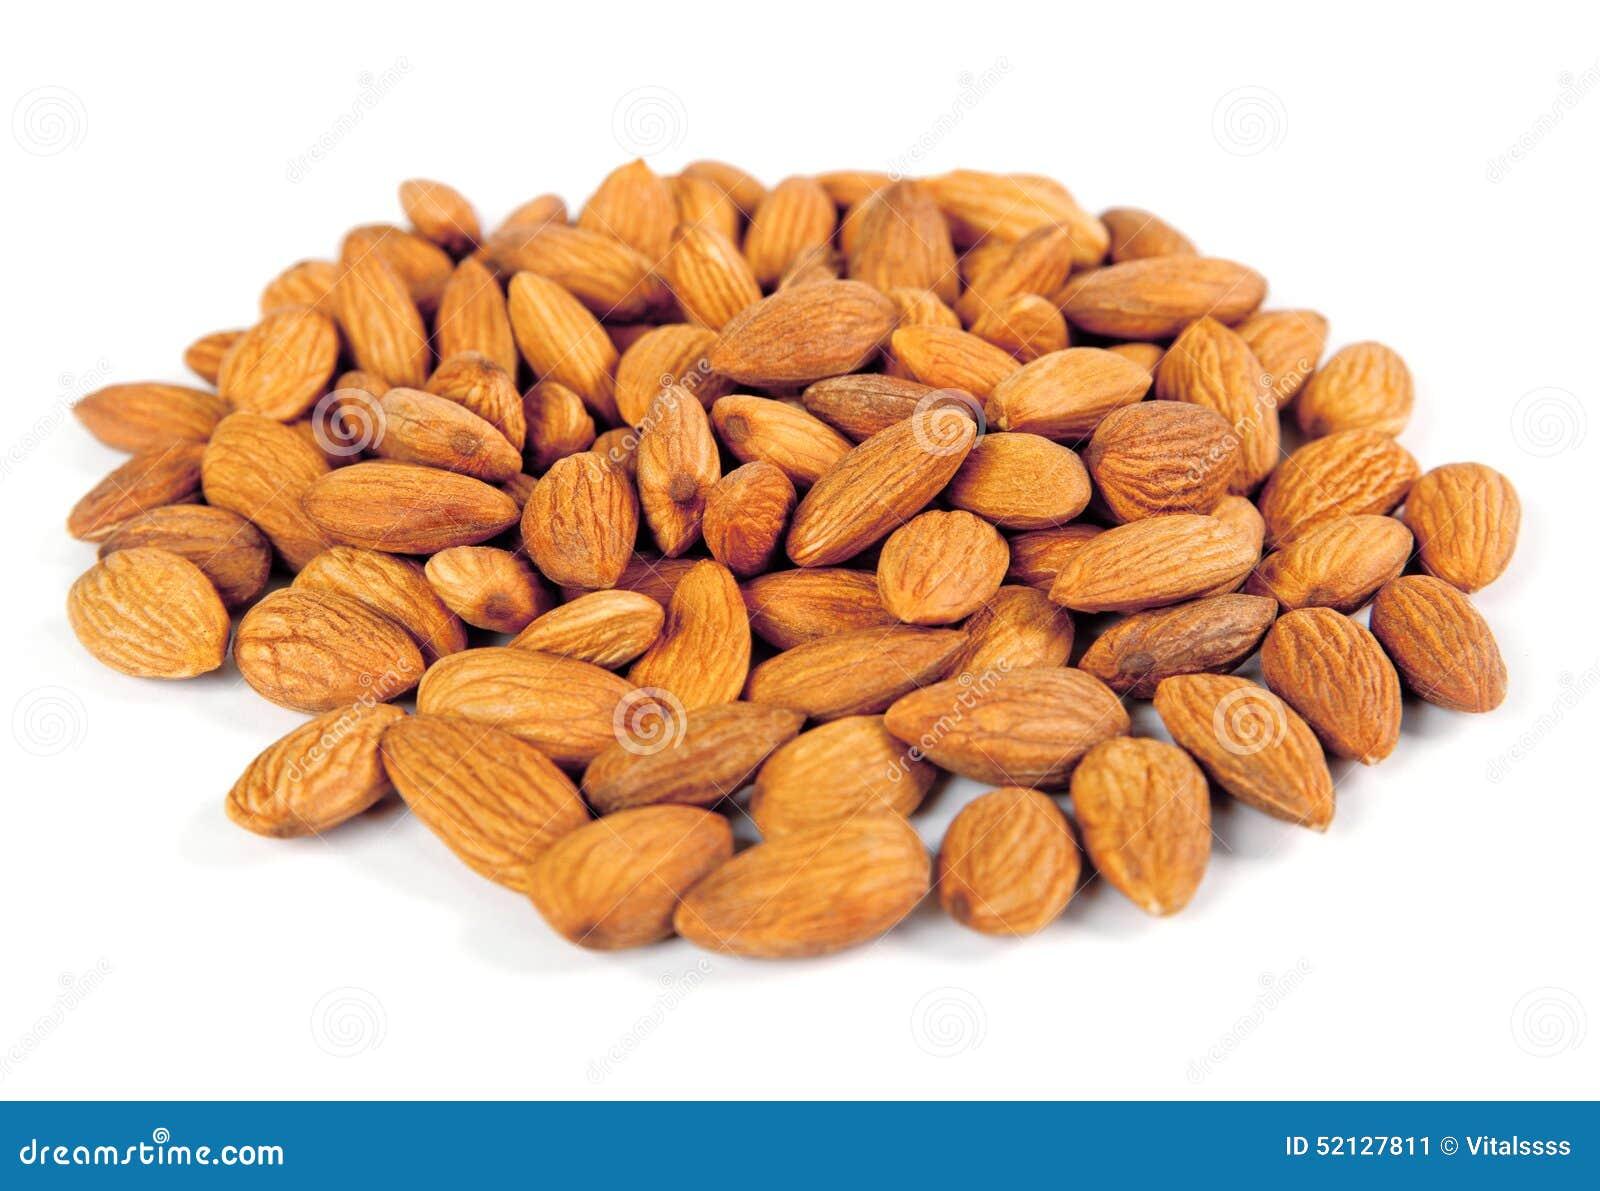 Germen de las almendras nuts